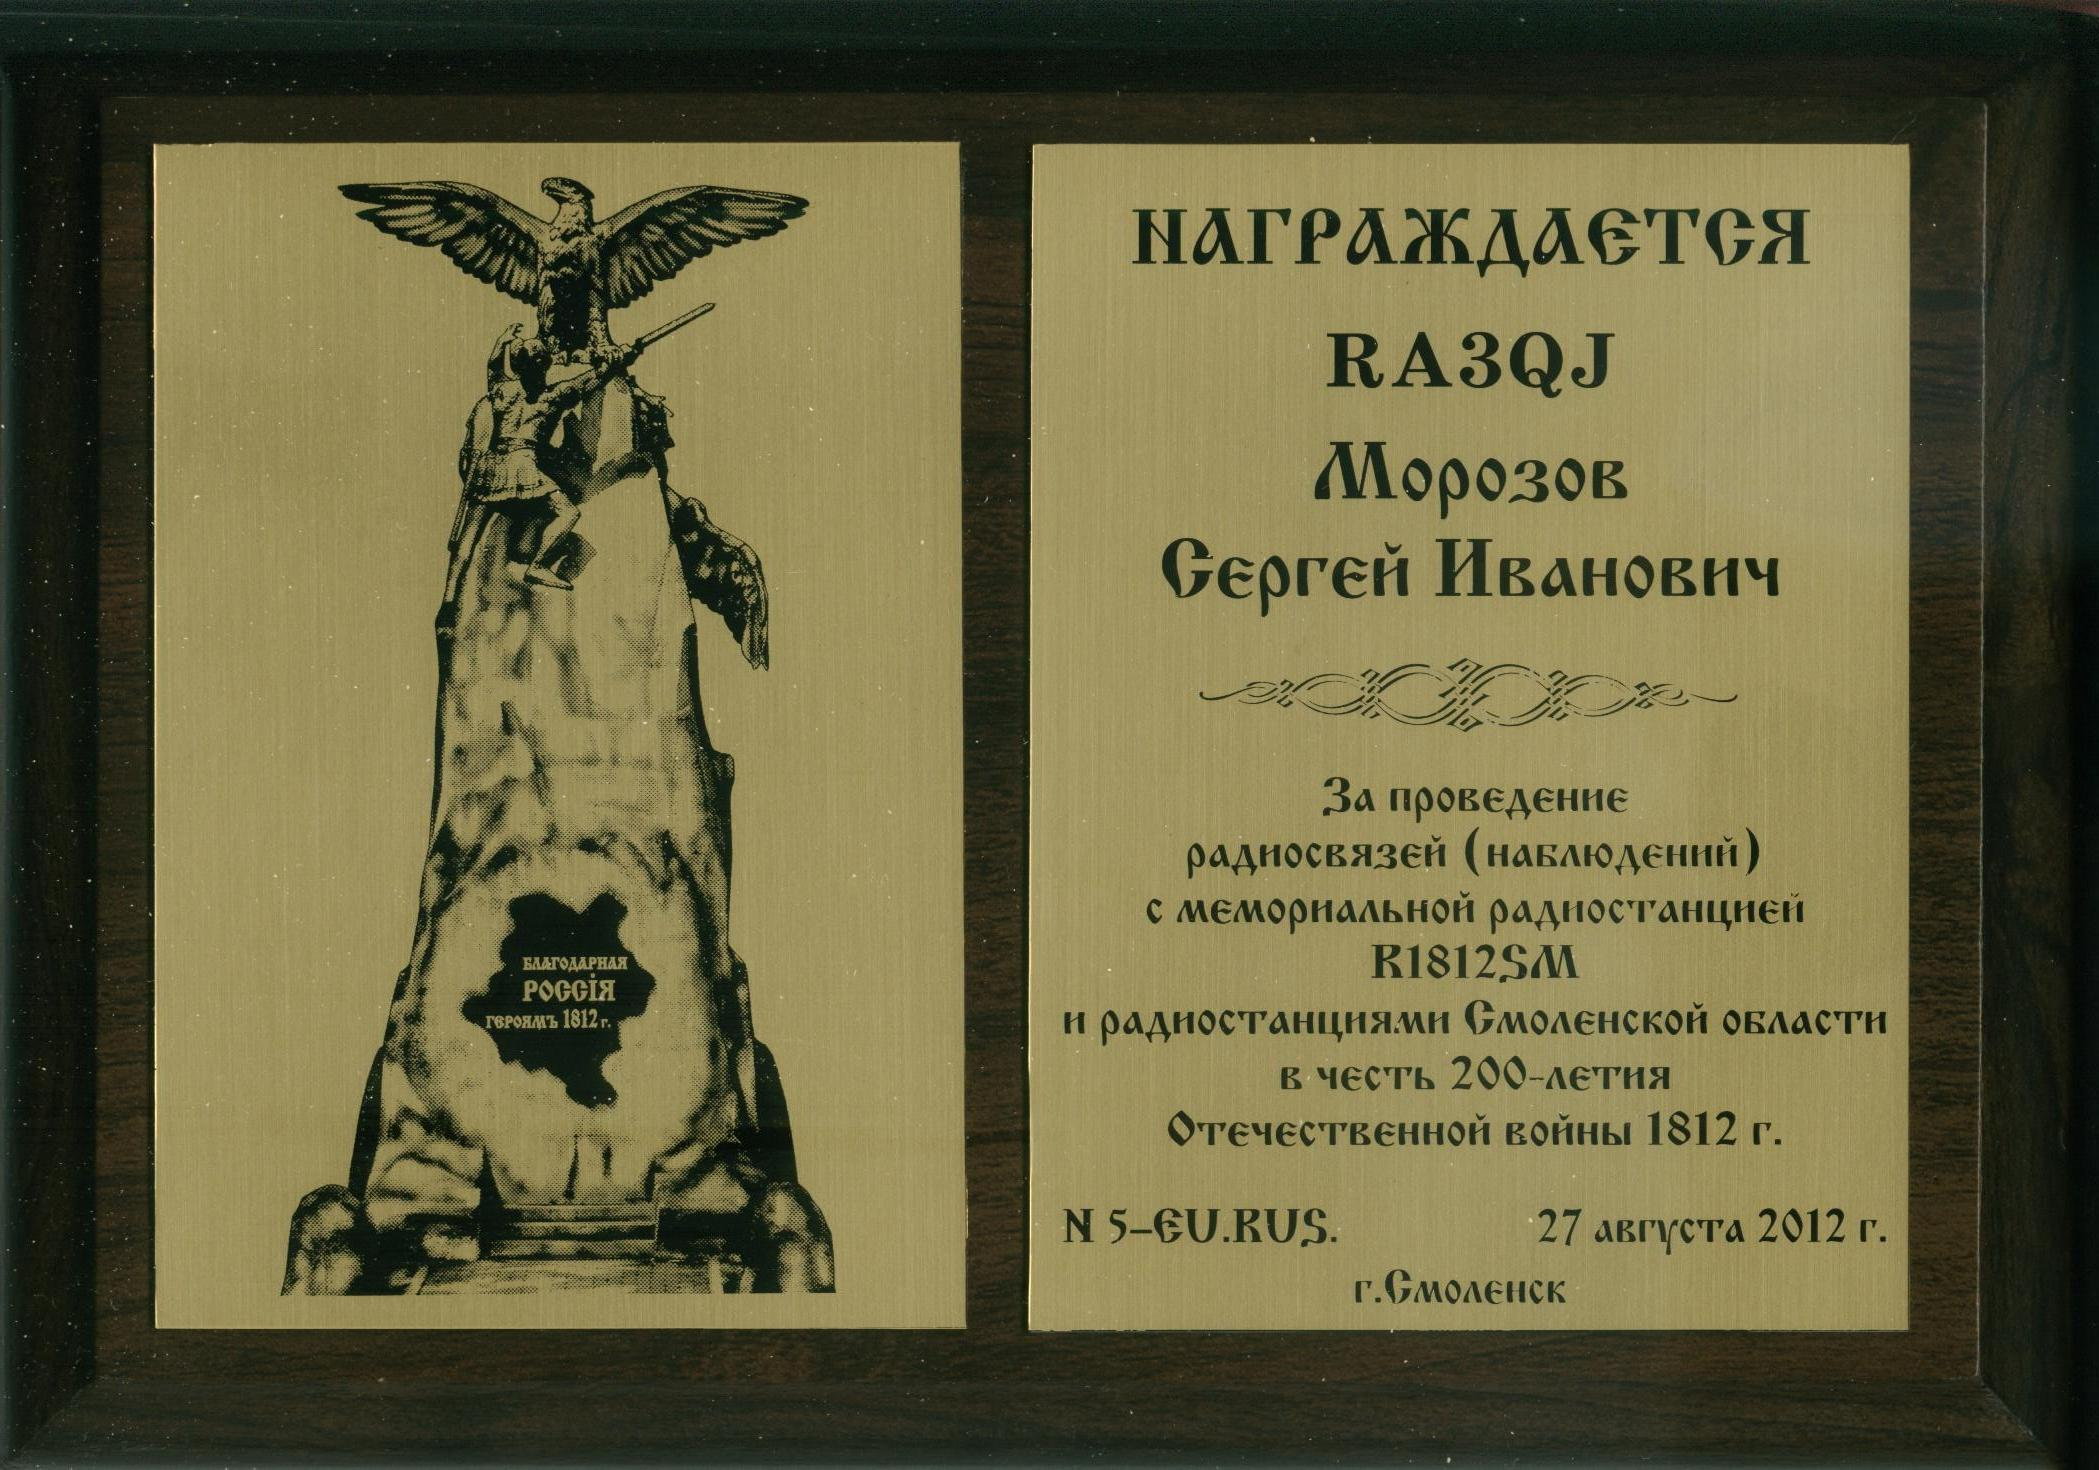 Нажмите на изображение для увеличения.  Название:200 лет Отечественной войне .jpg Просмотров:84 Размер:368.1 Кб ID:126065